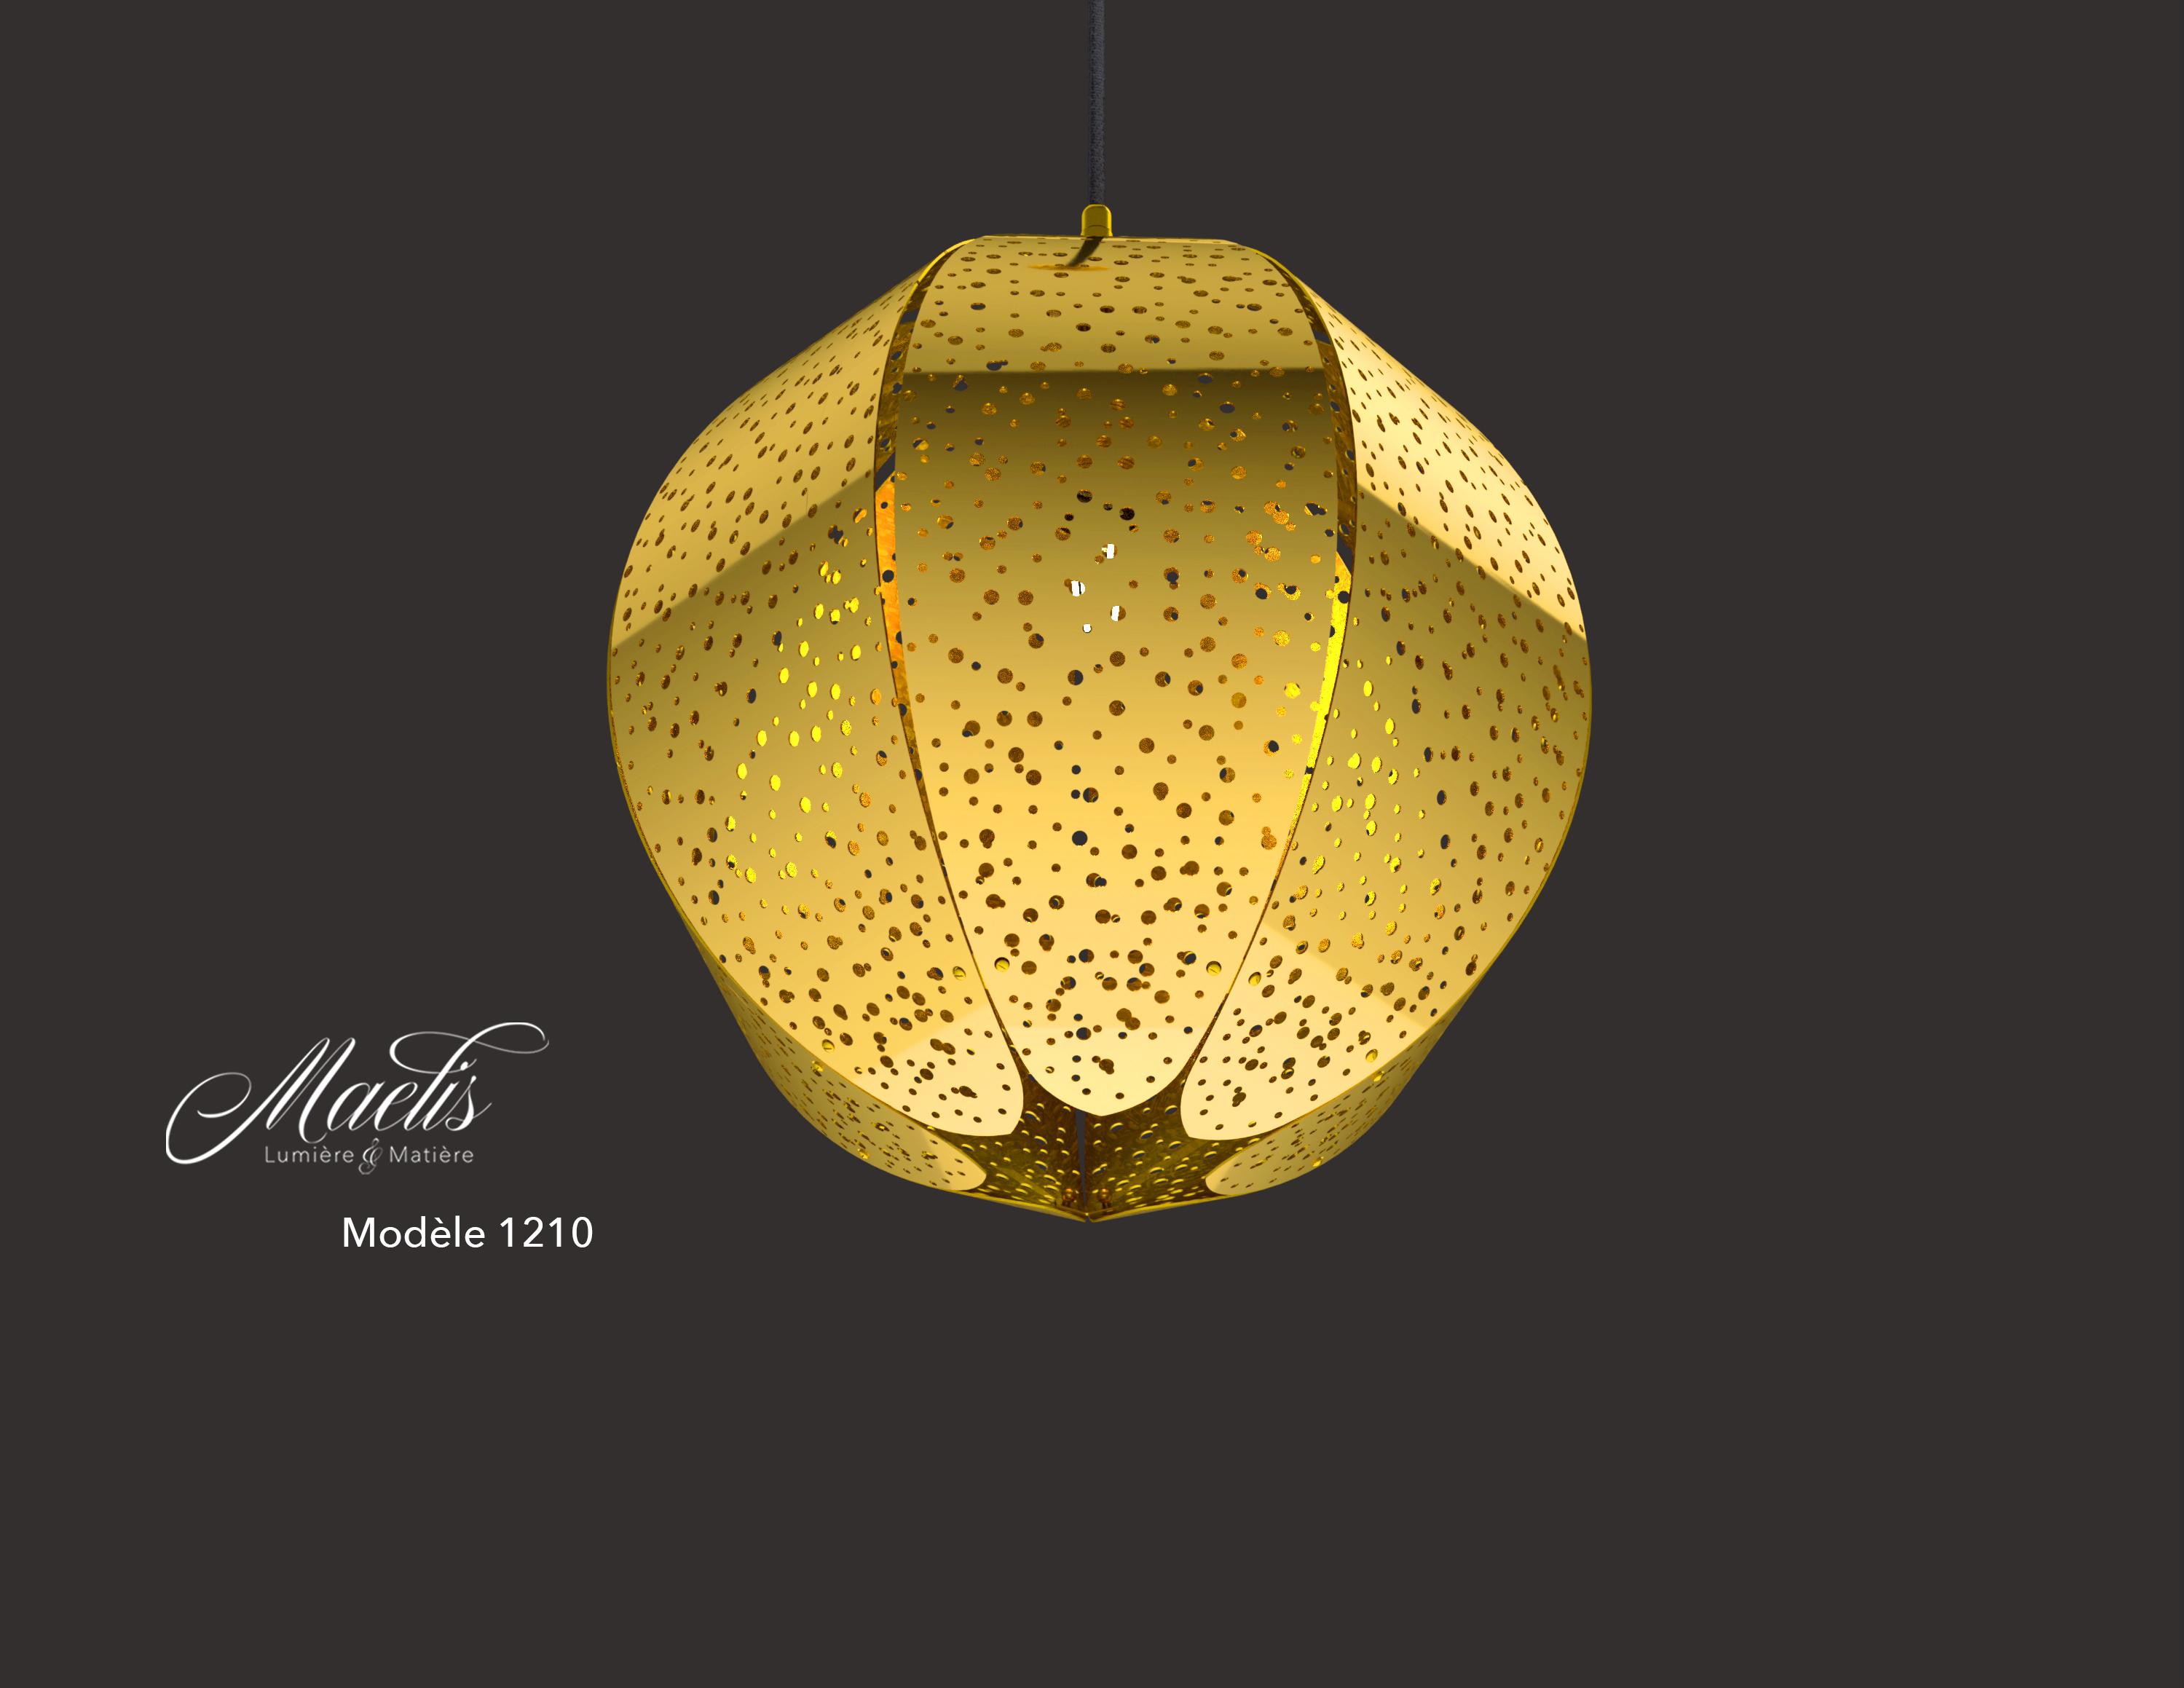 Maelis_Modele_1210_img2